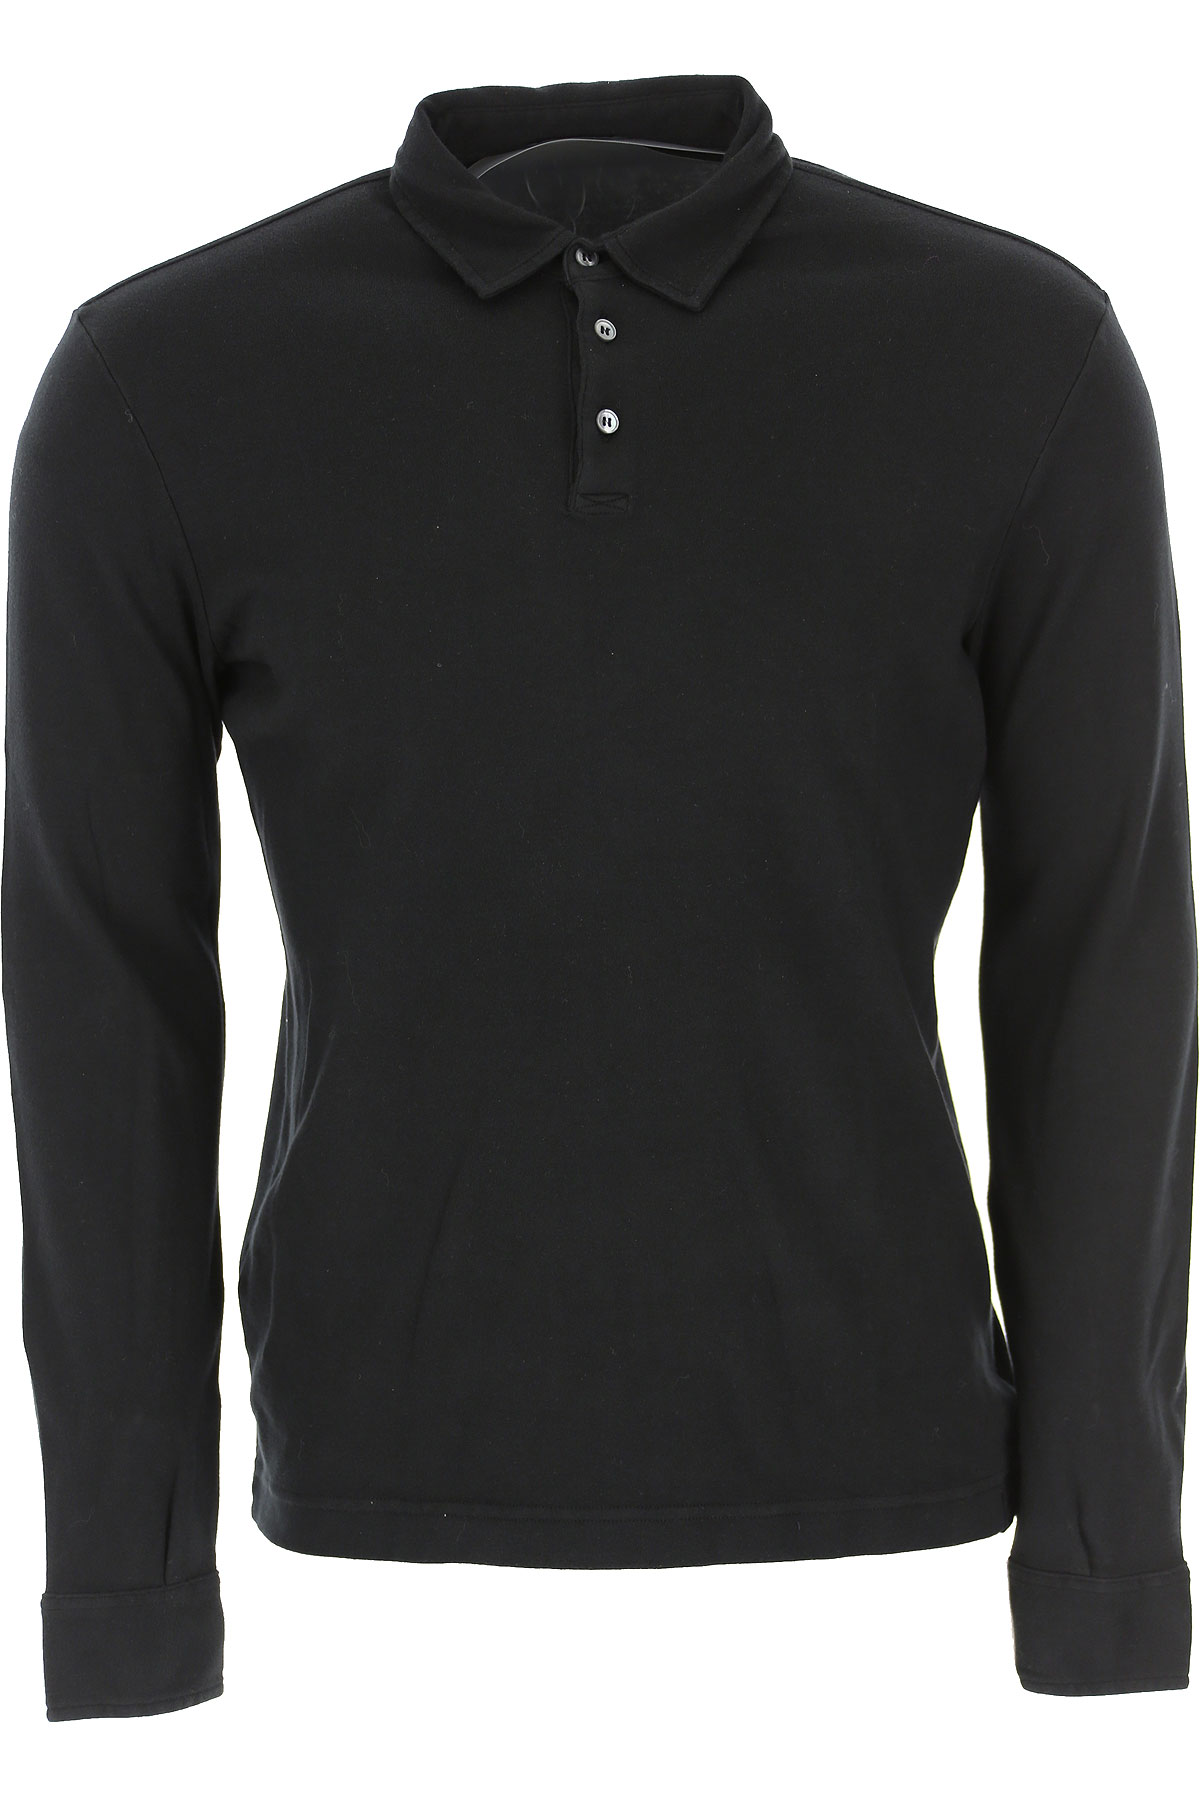 Zanone Polo Shirt for Men On Sale, Black, Cotton, 2019, L M XL